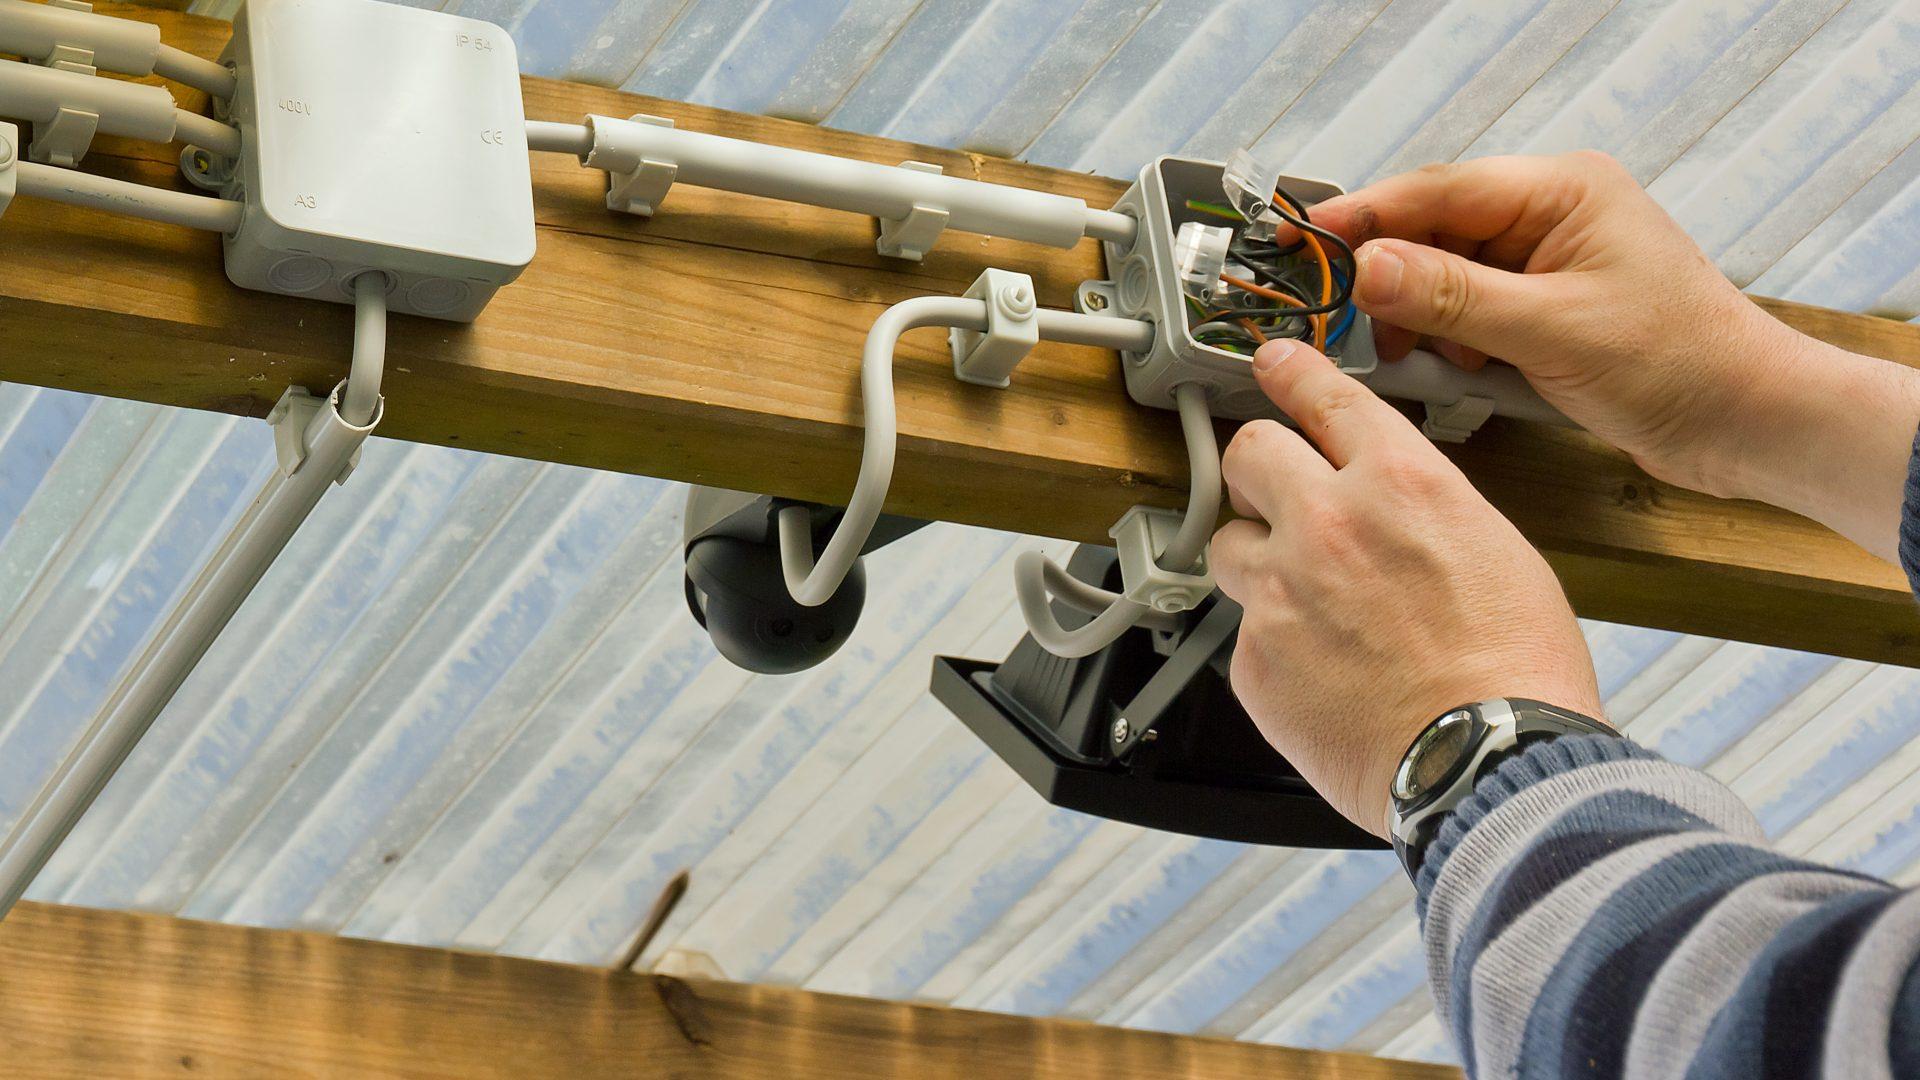 Elektroinstallation: Tipps und wichtige Warnhinweise - HEROLD.at